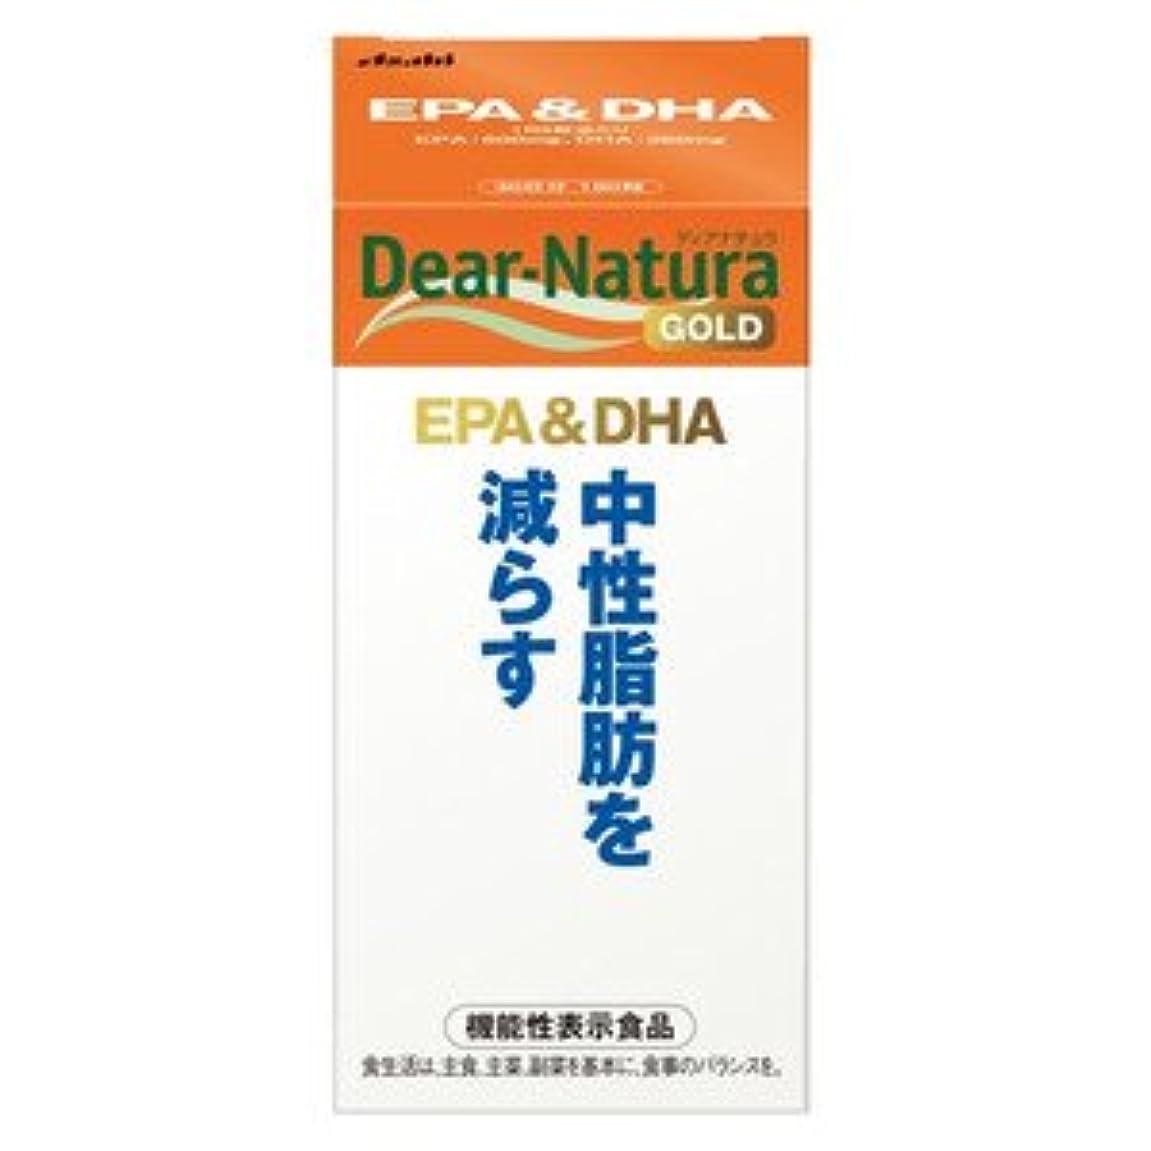 前奏曲大胆摂氏度(アサヒフード&ヘルスケア)ディアナチュラゴールド EPA&DHA 30日分 180粒(お買い得3個セット)